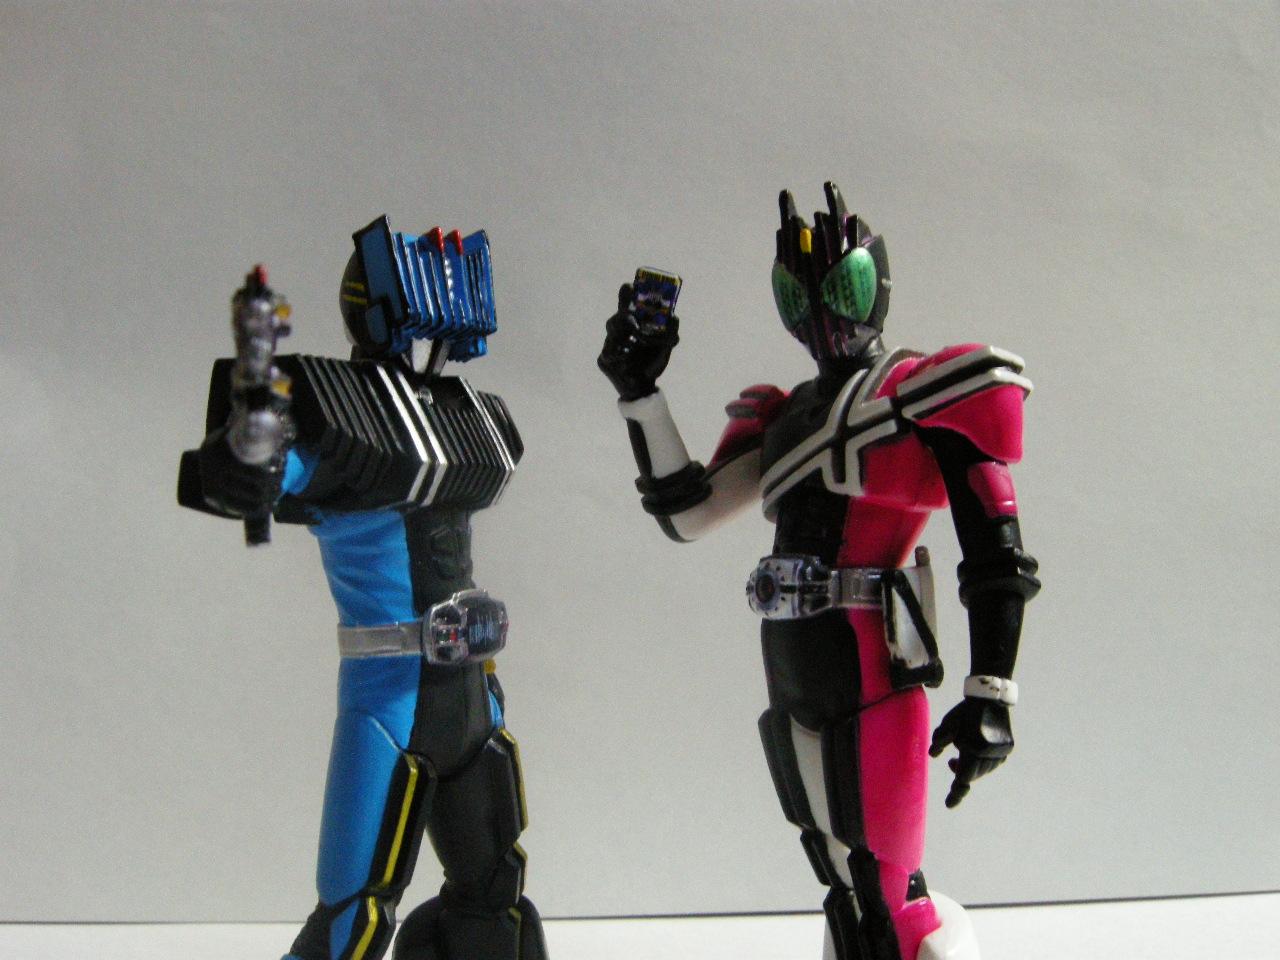 DGKR3_9